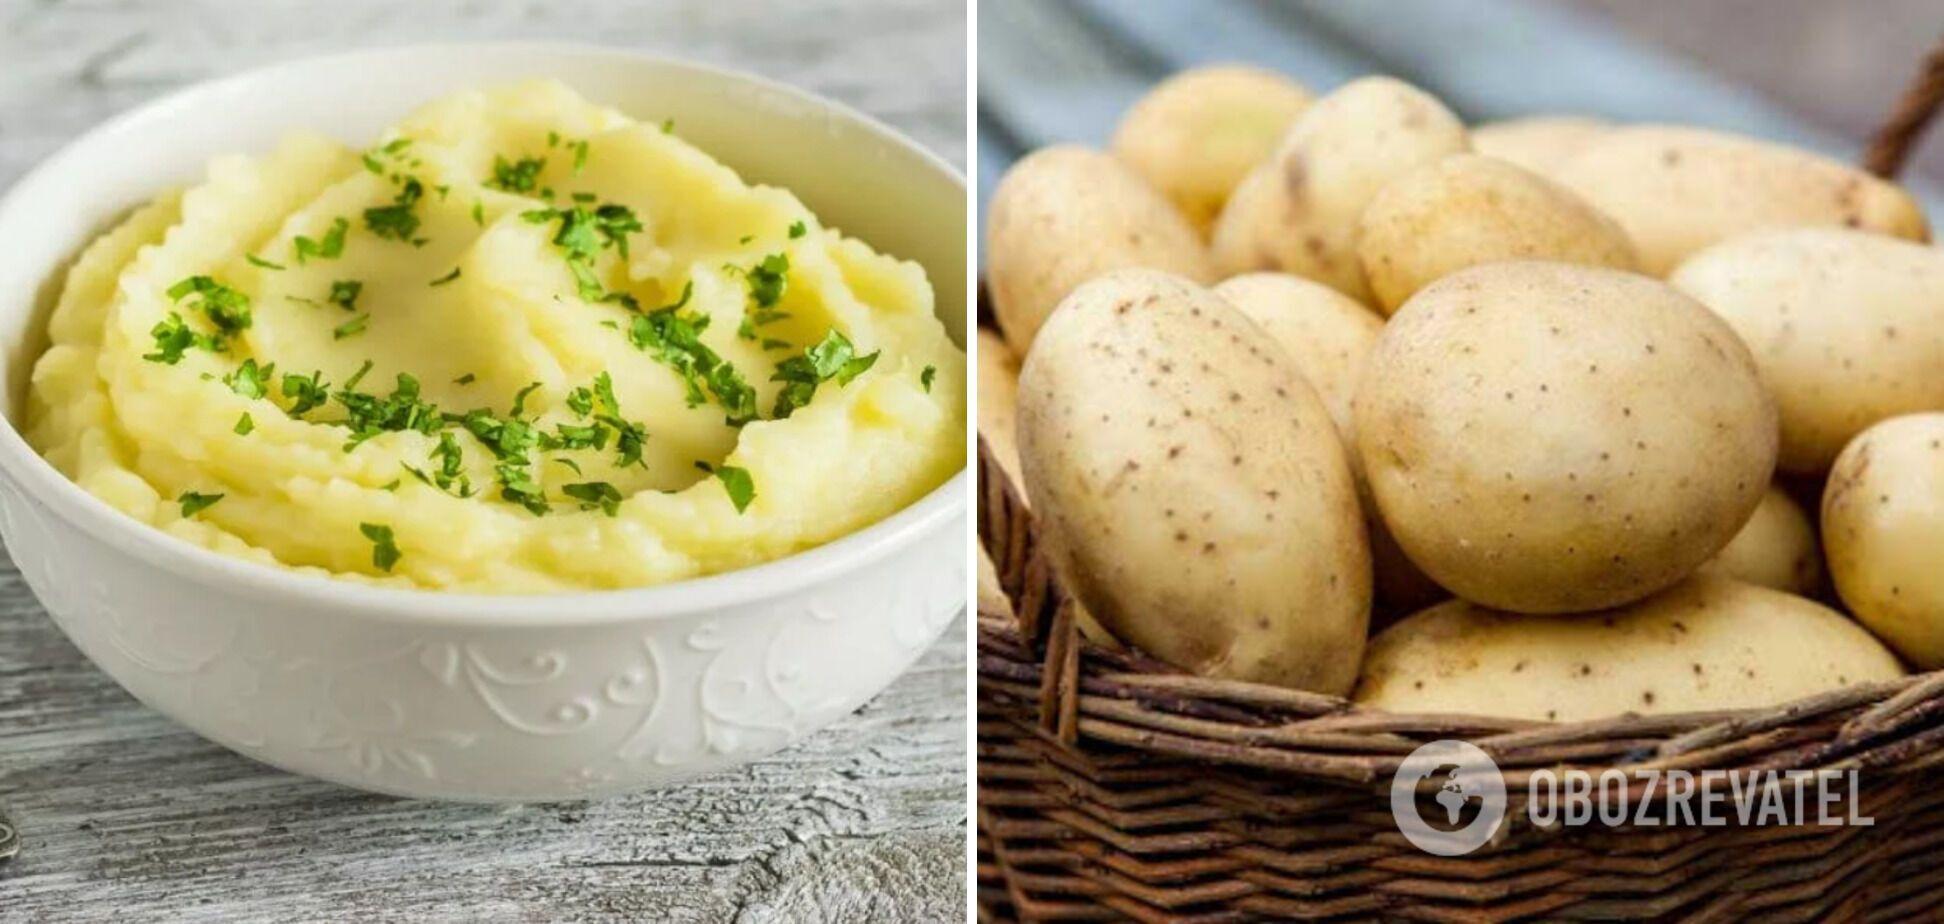 Не варто викидати: що приготувати з вчорашнього картопляного пюре